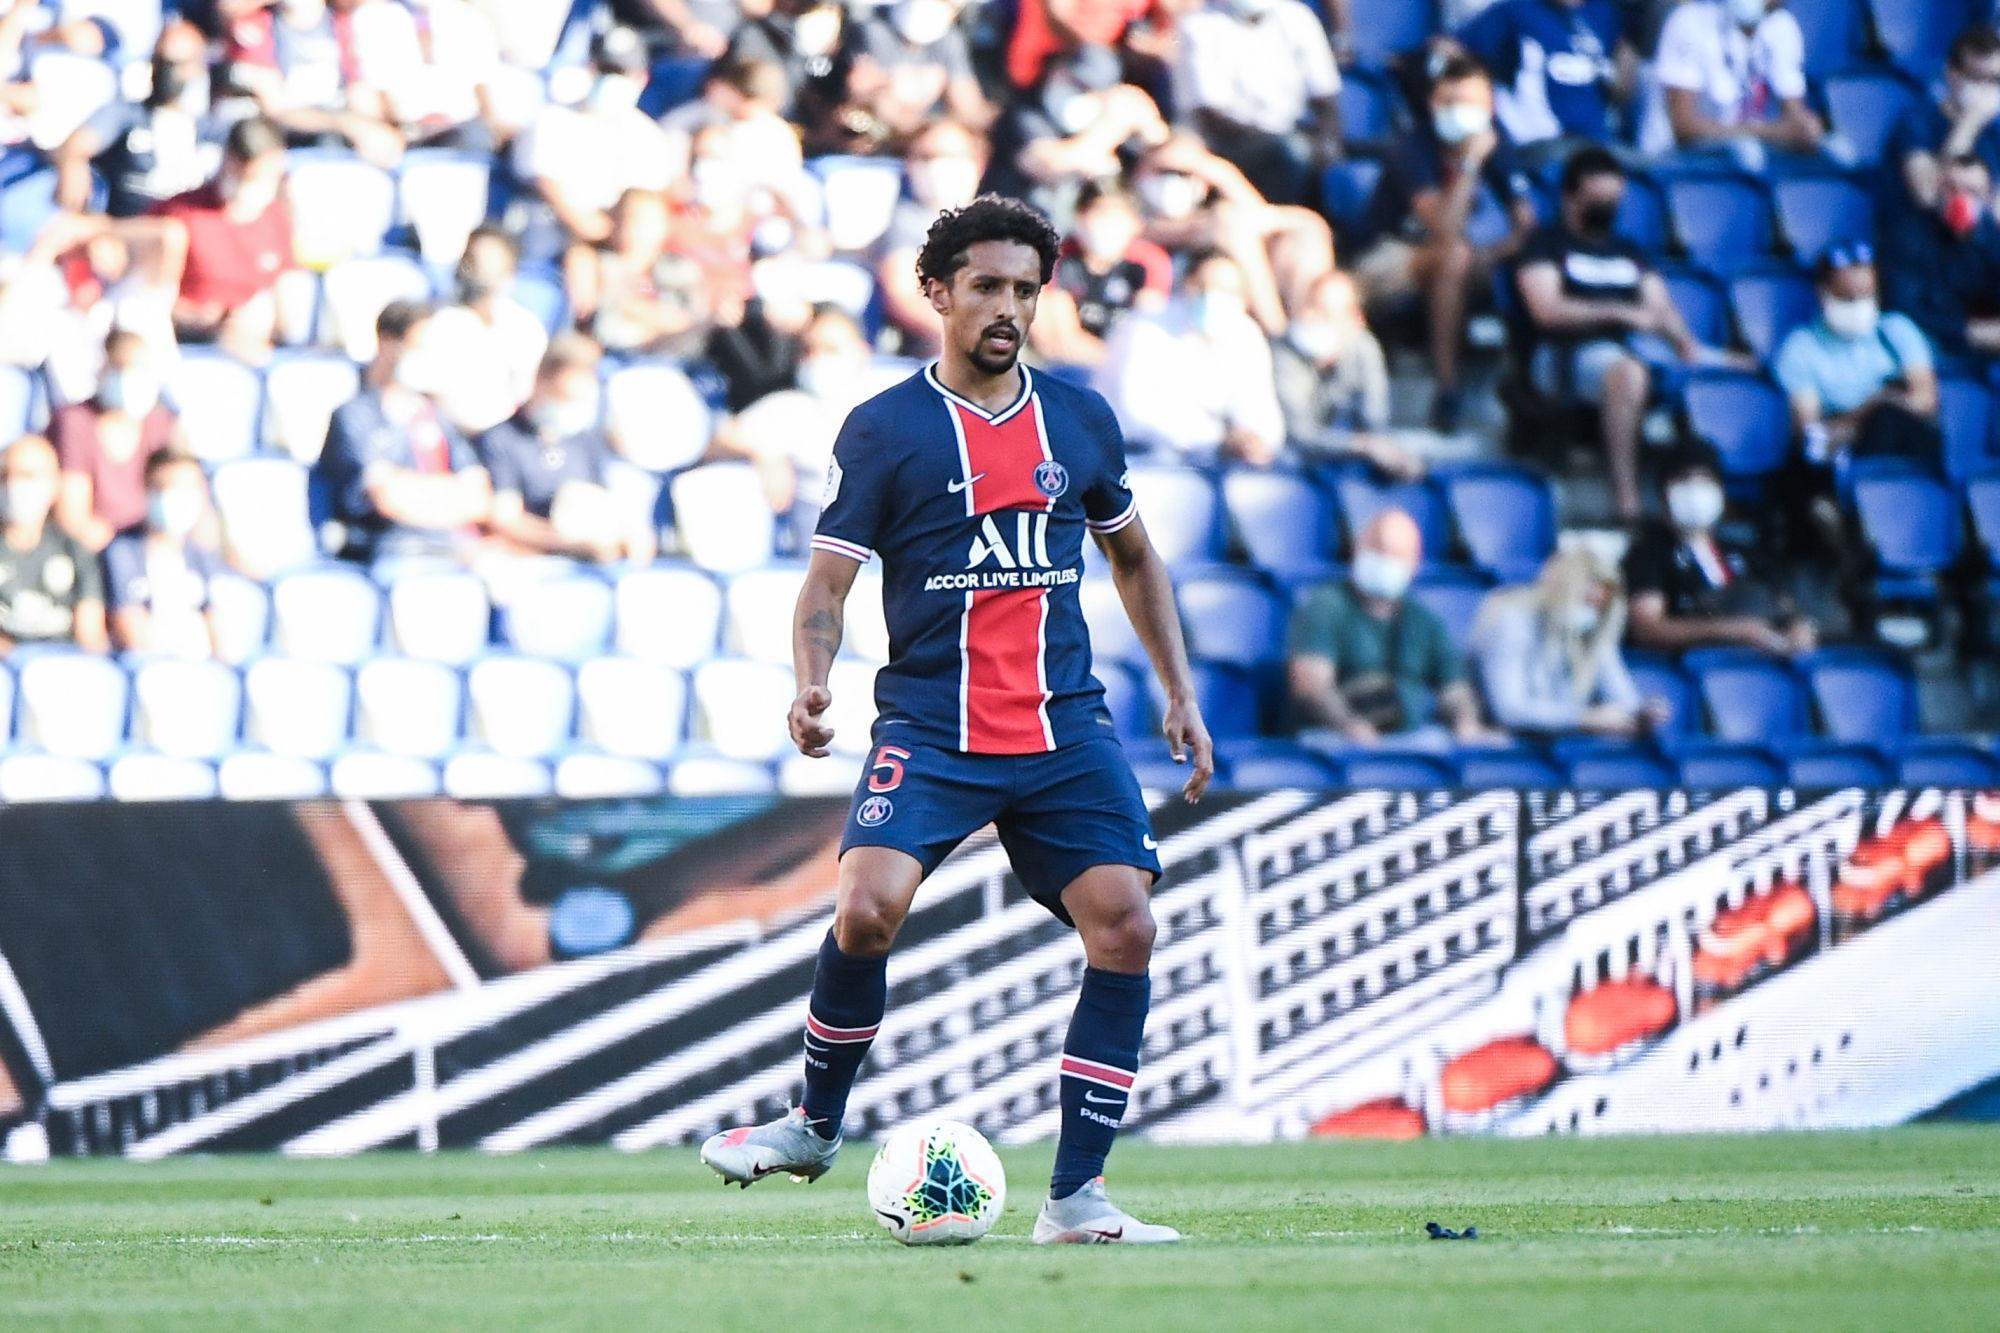 Le frère de Marquinhos s'en prend à la LFP et Alvaro Gonzalez